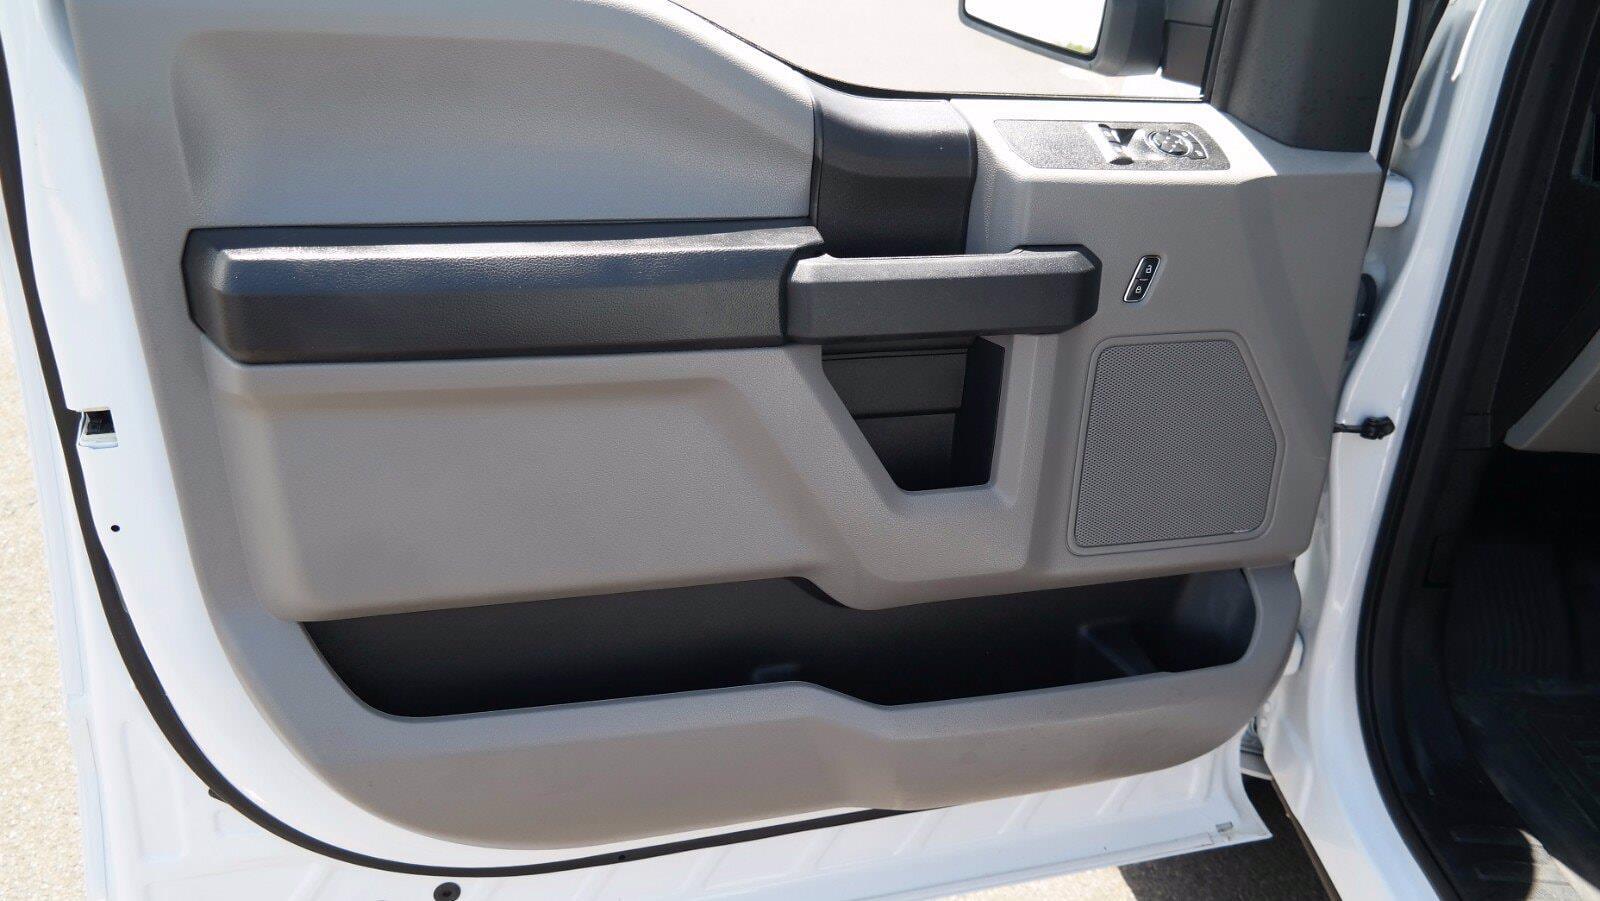 2019 Ford F-150 Regular Cab 4x4, Pickup #FL1205P - photo 3